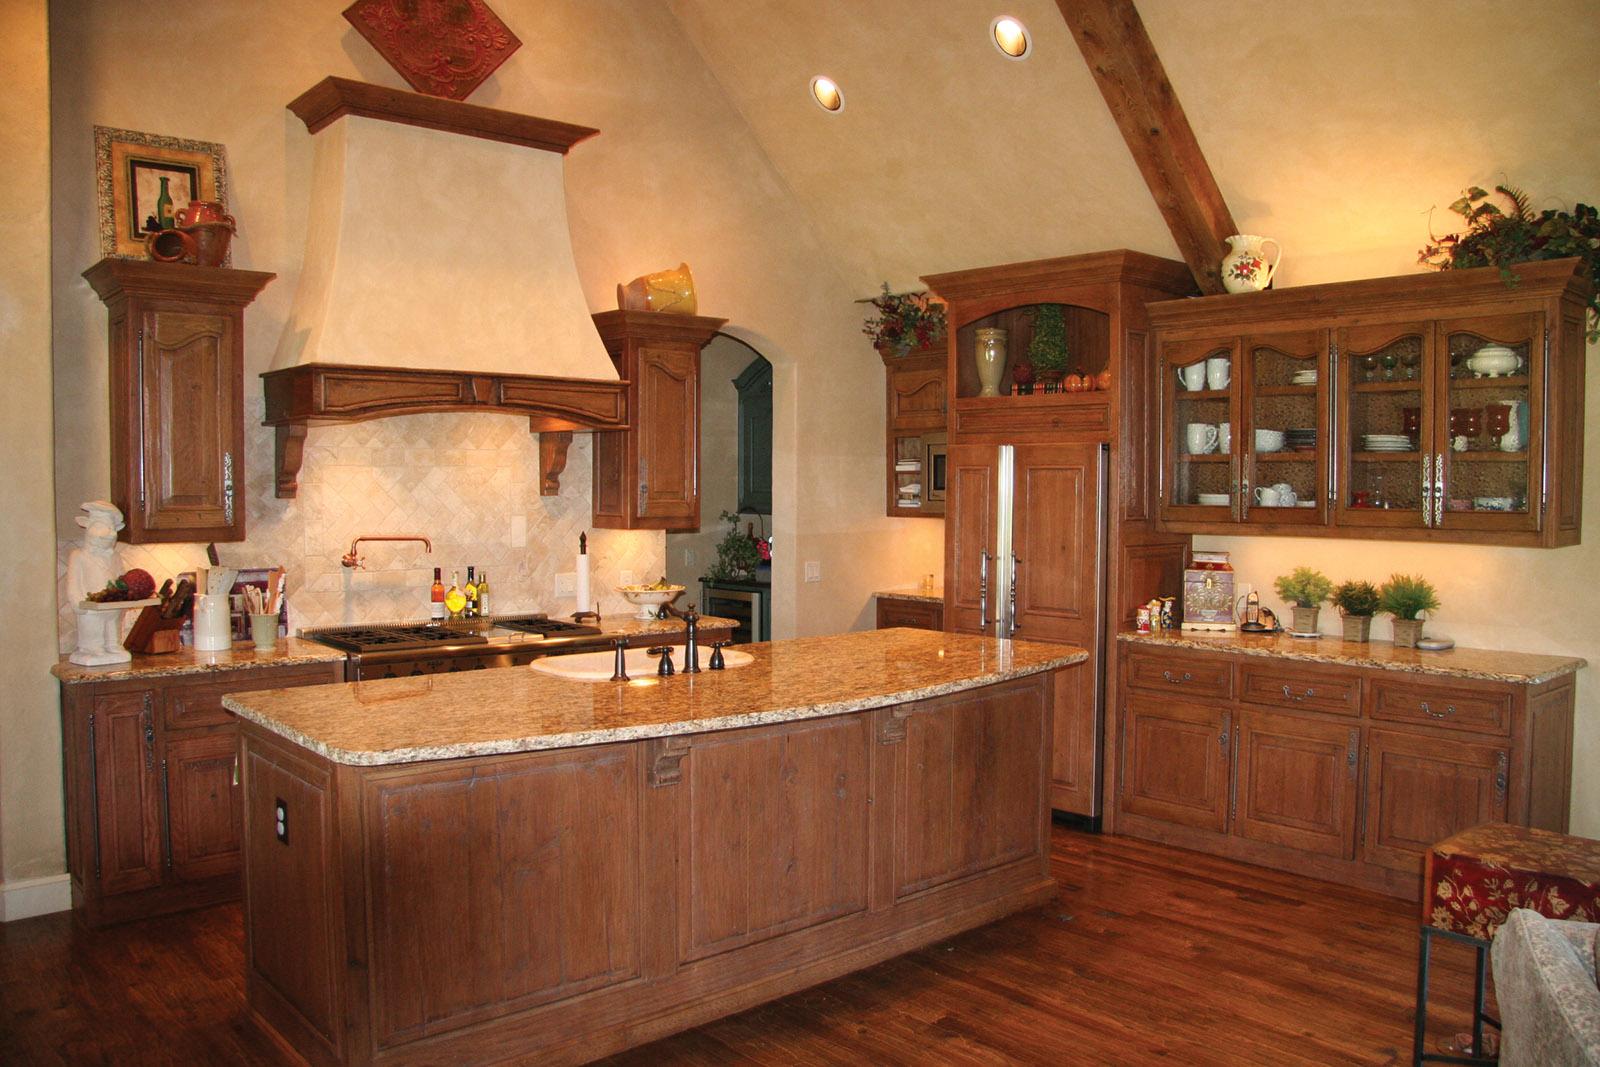 Old World Kitchen.jpg